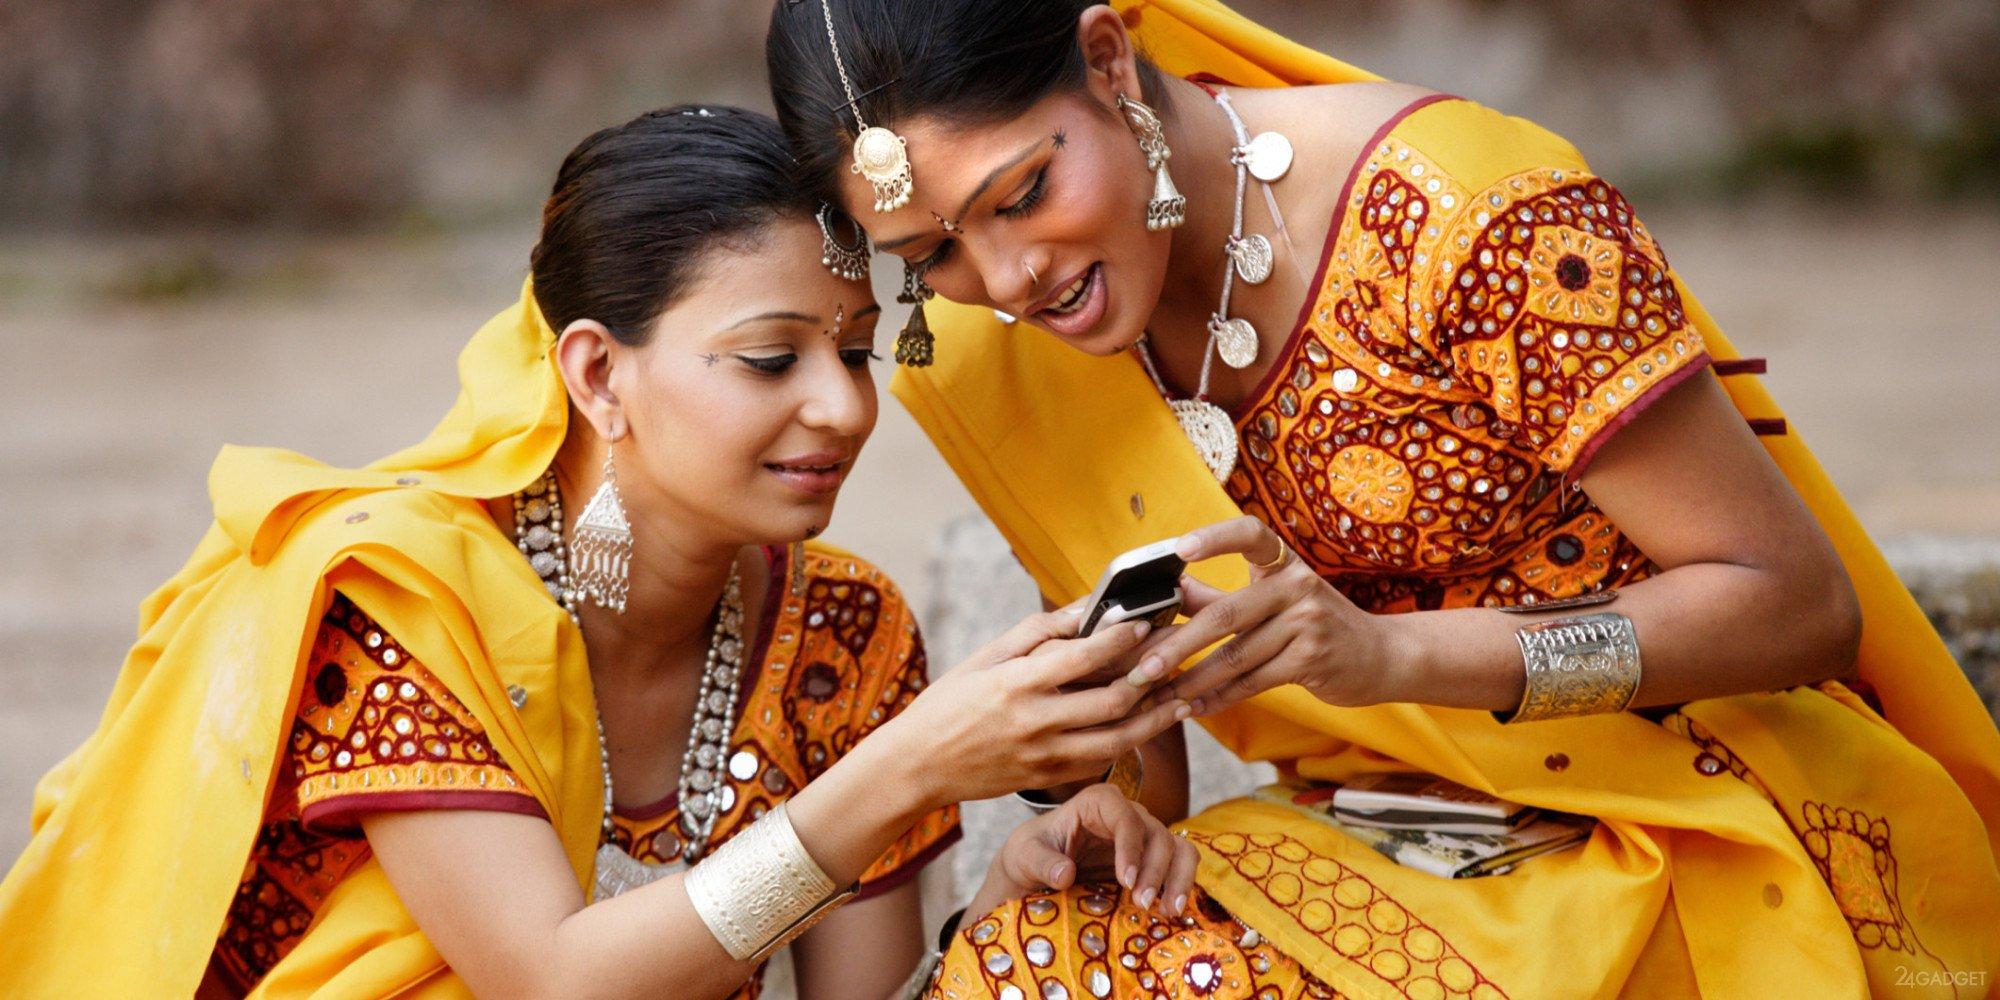 Индия знакомства контакте